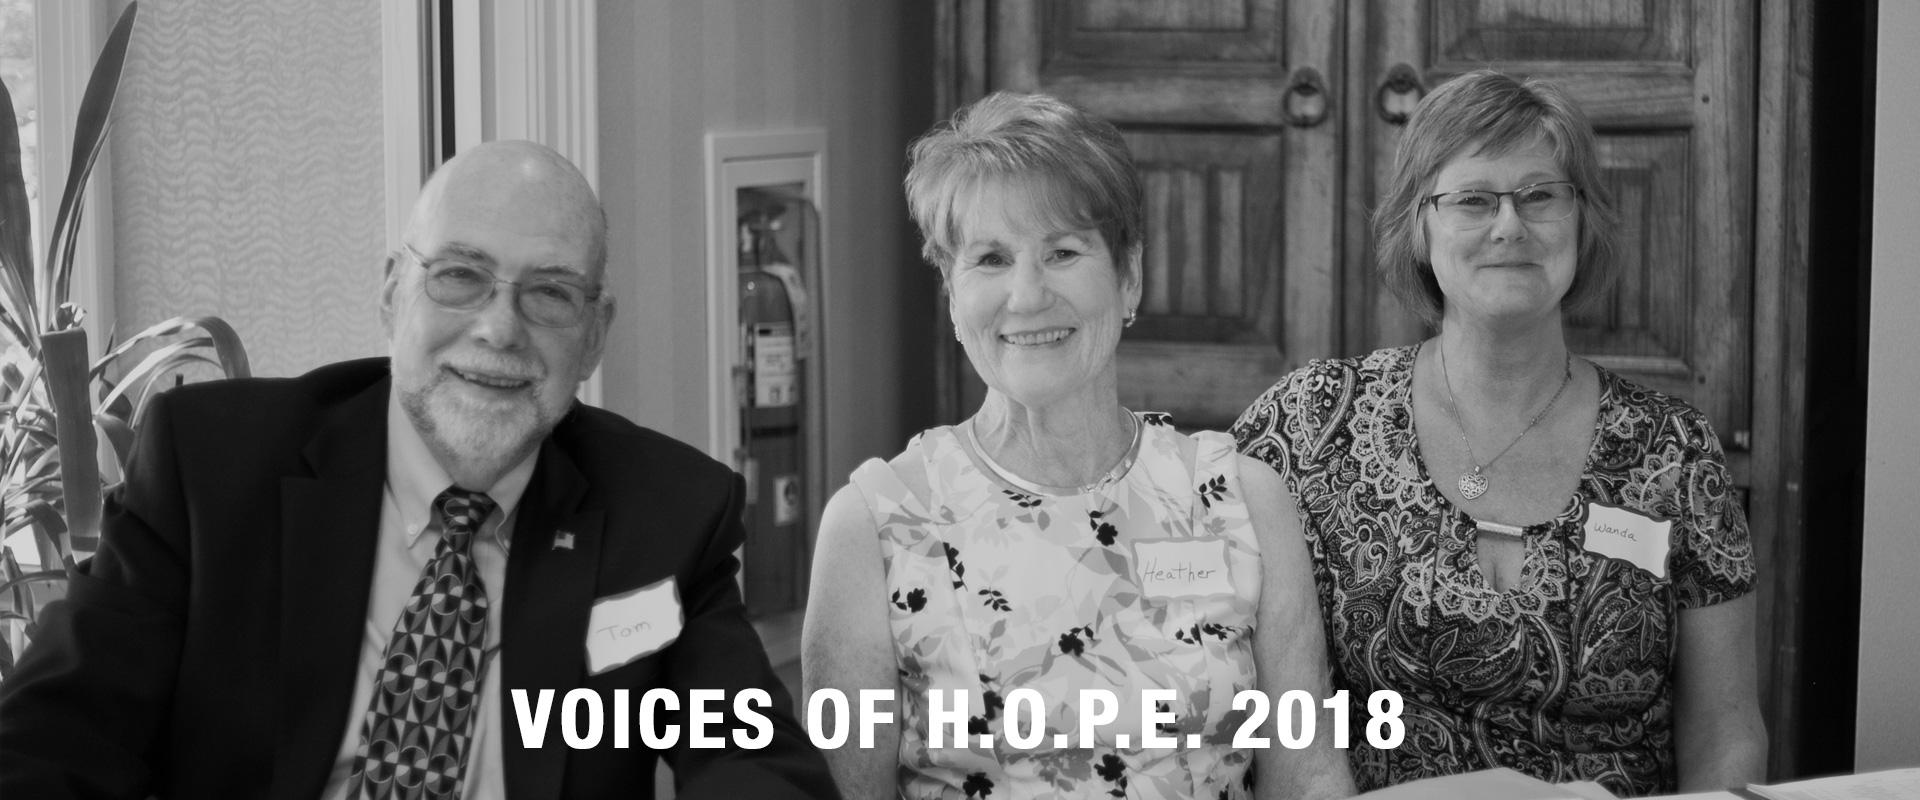 Voices of H.O.P.E. 2018 - 7